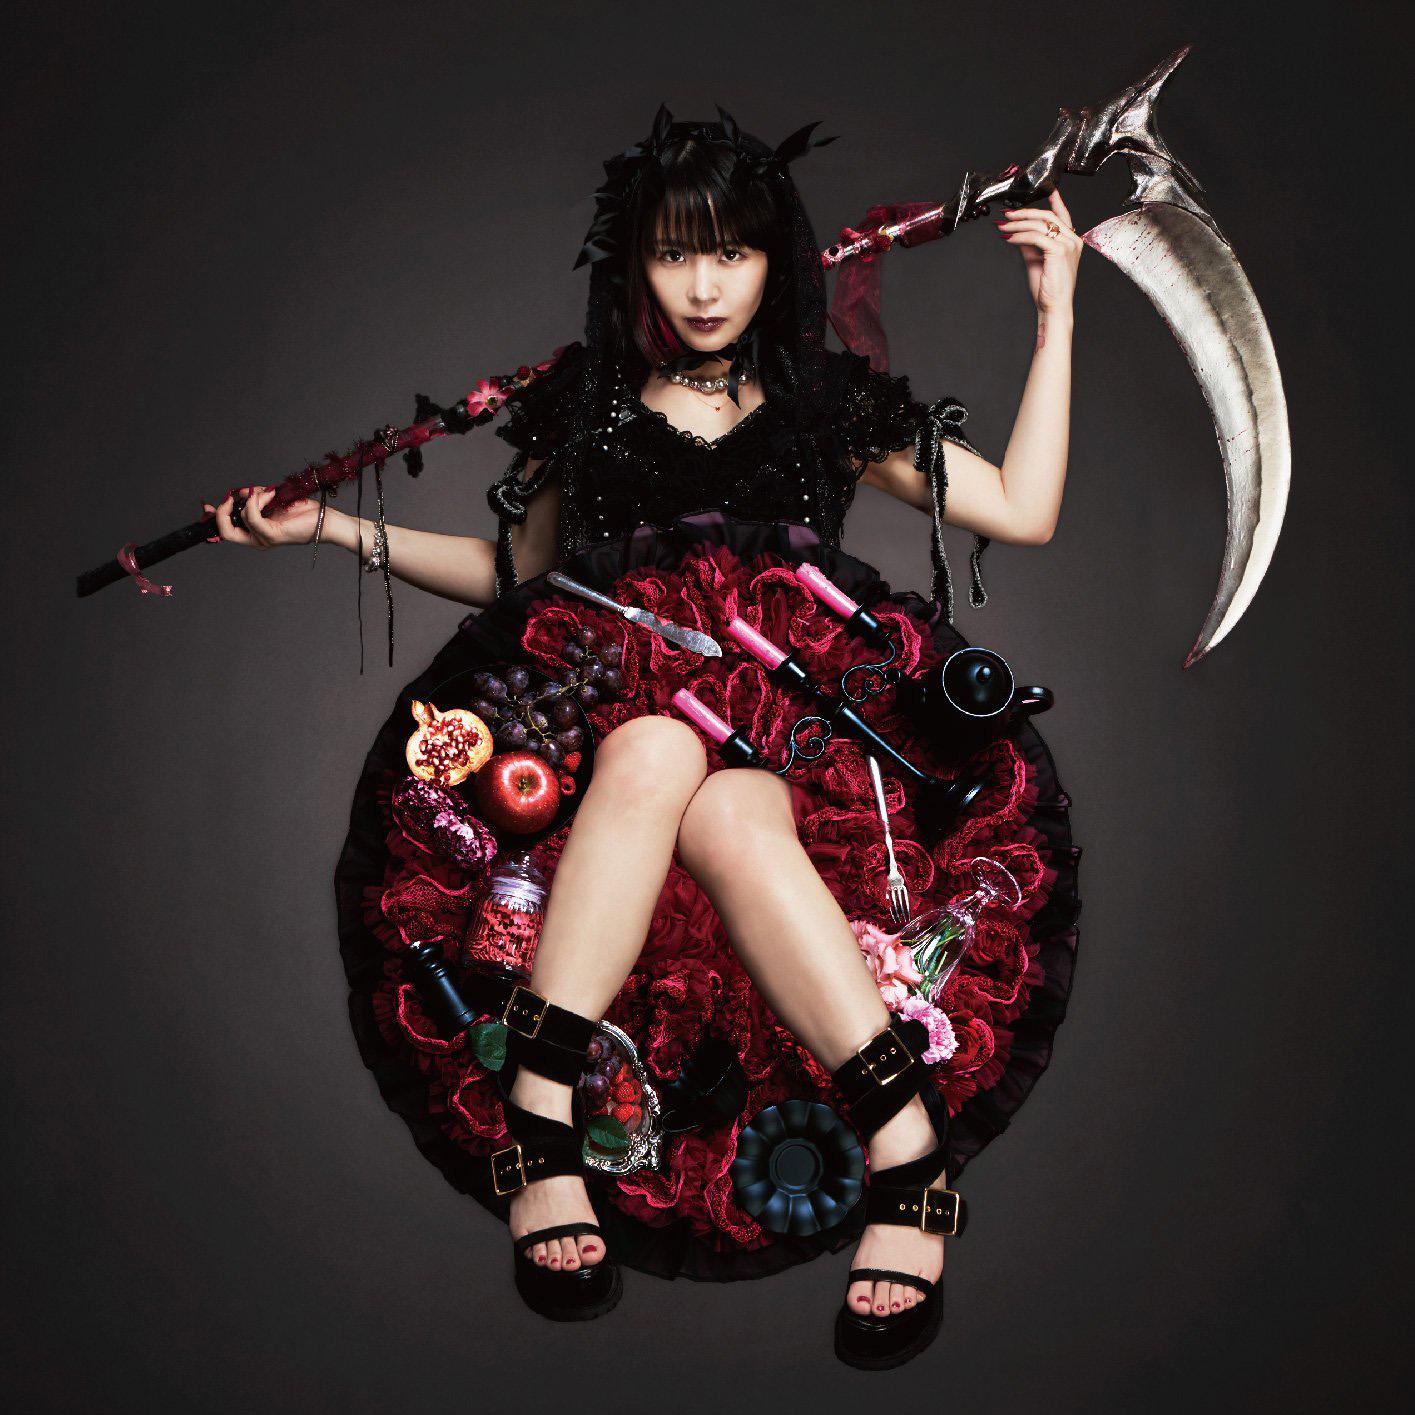 Seiko Oomori - Kusokawa PARTY